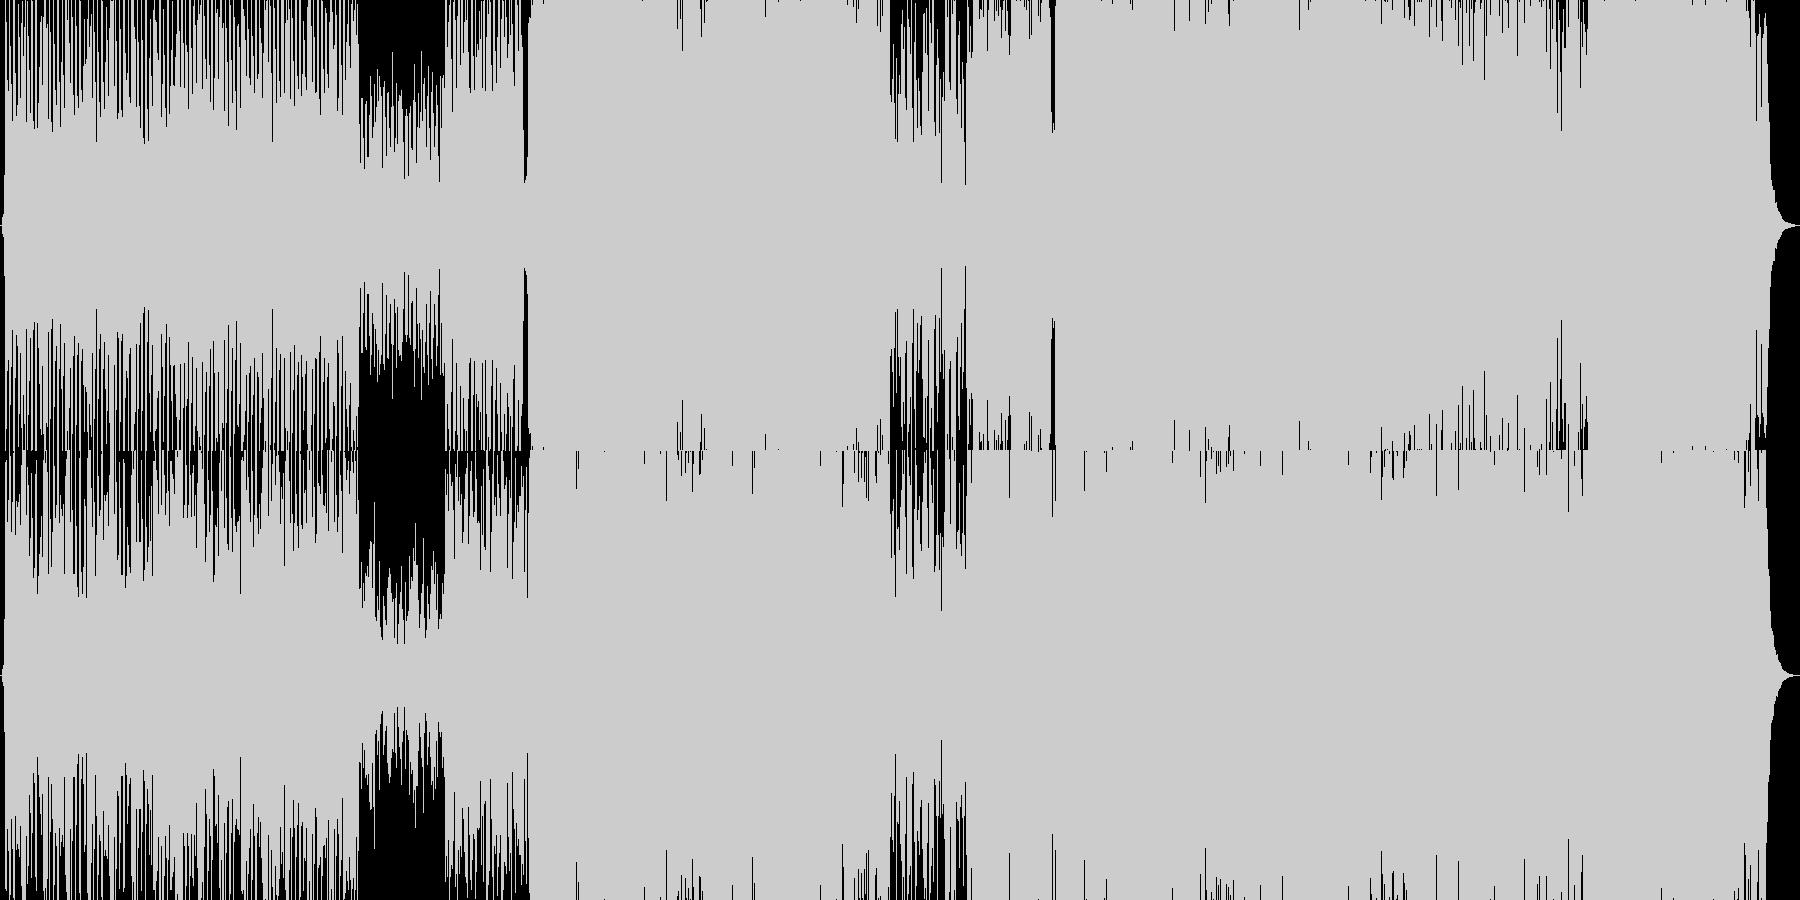 勇敢なオーケストラBGMの未再生の波形